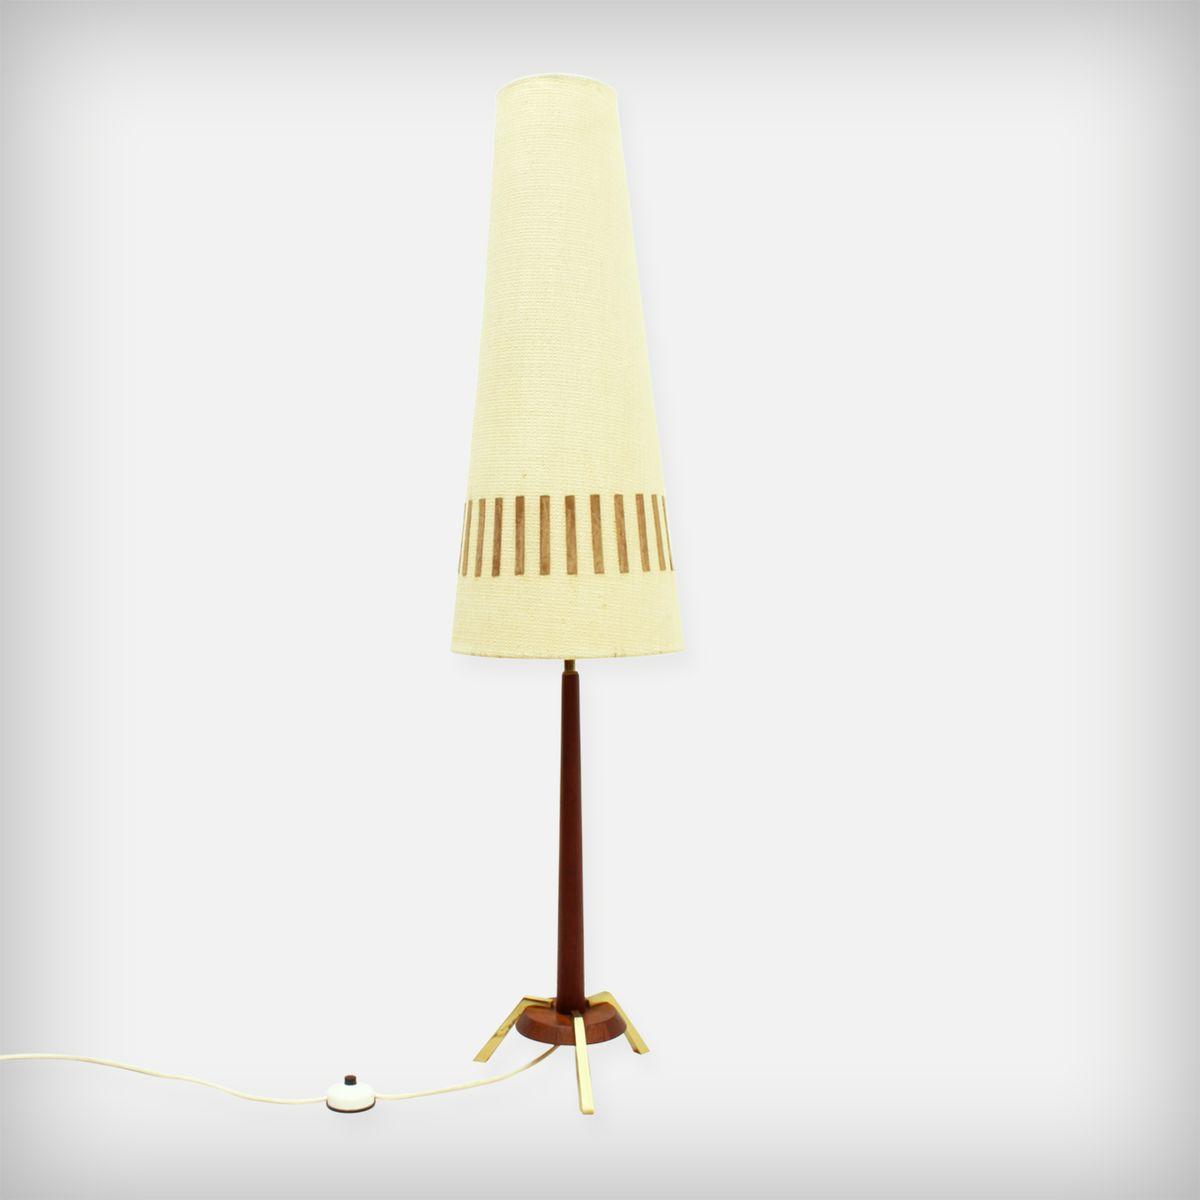 Teak Stehlampe mit Messing & Leder Details, 1960er